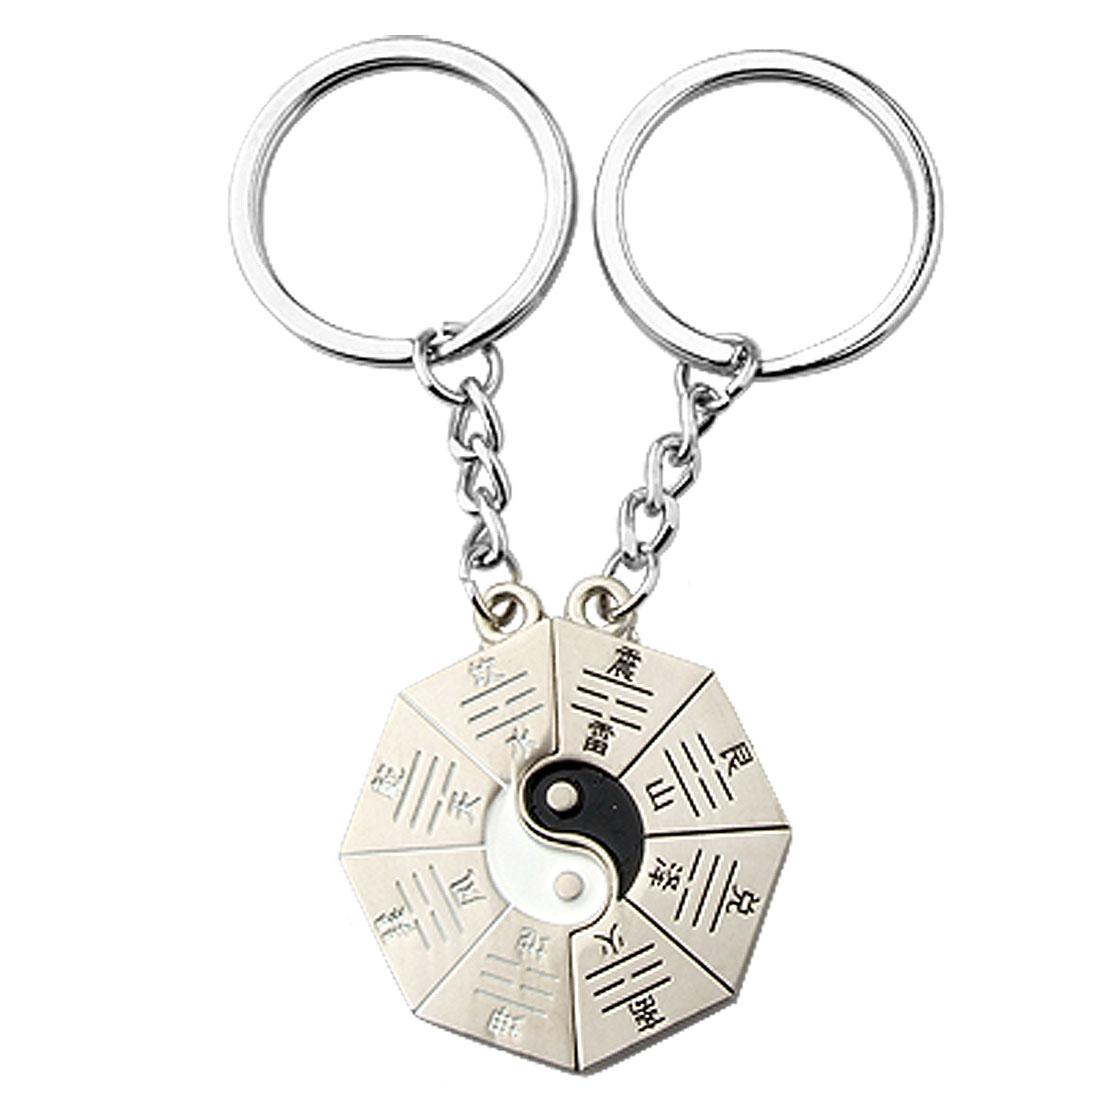 Unique Eight Diagrams Pendant 2pcs Keychain Keyring